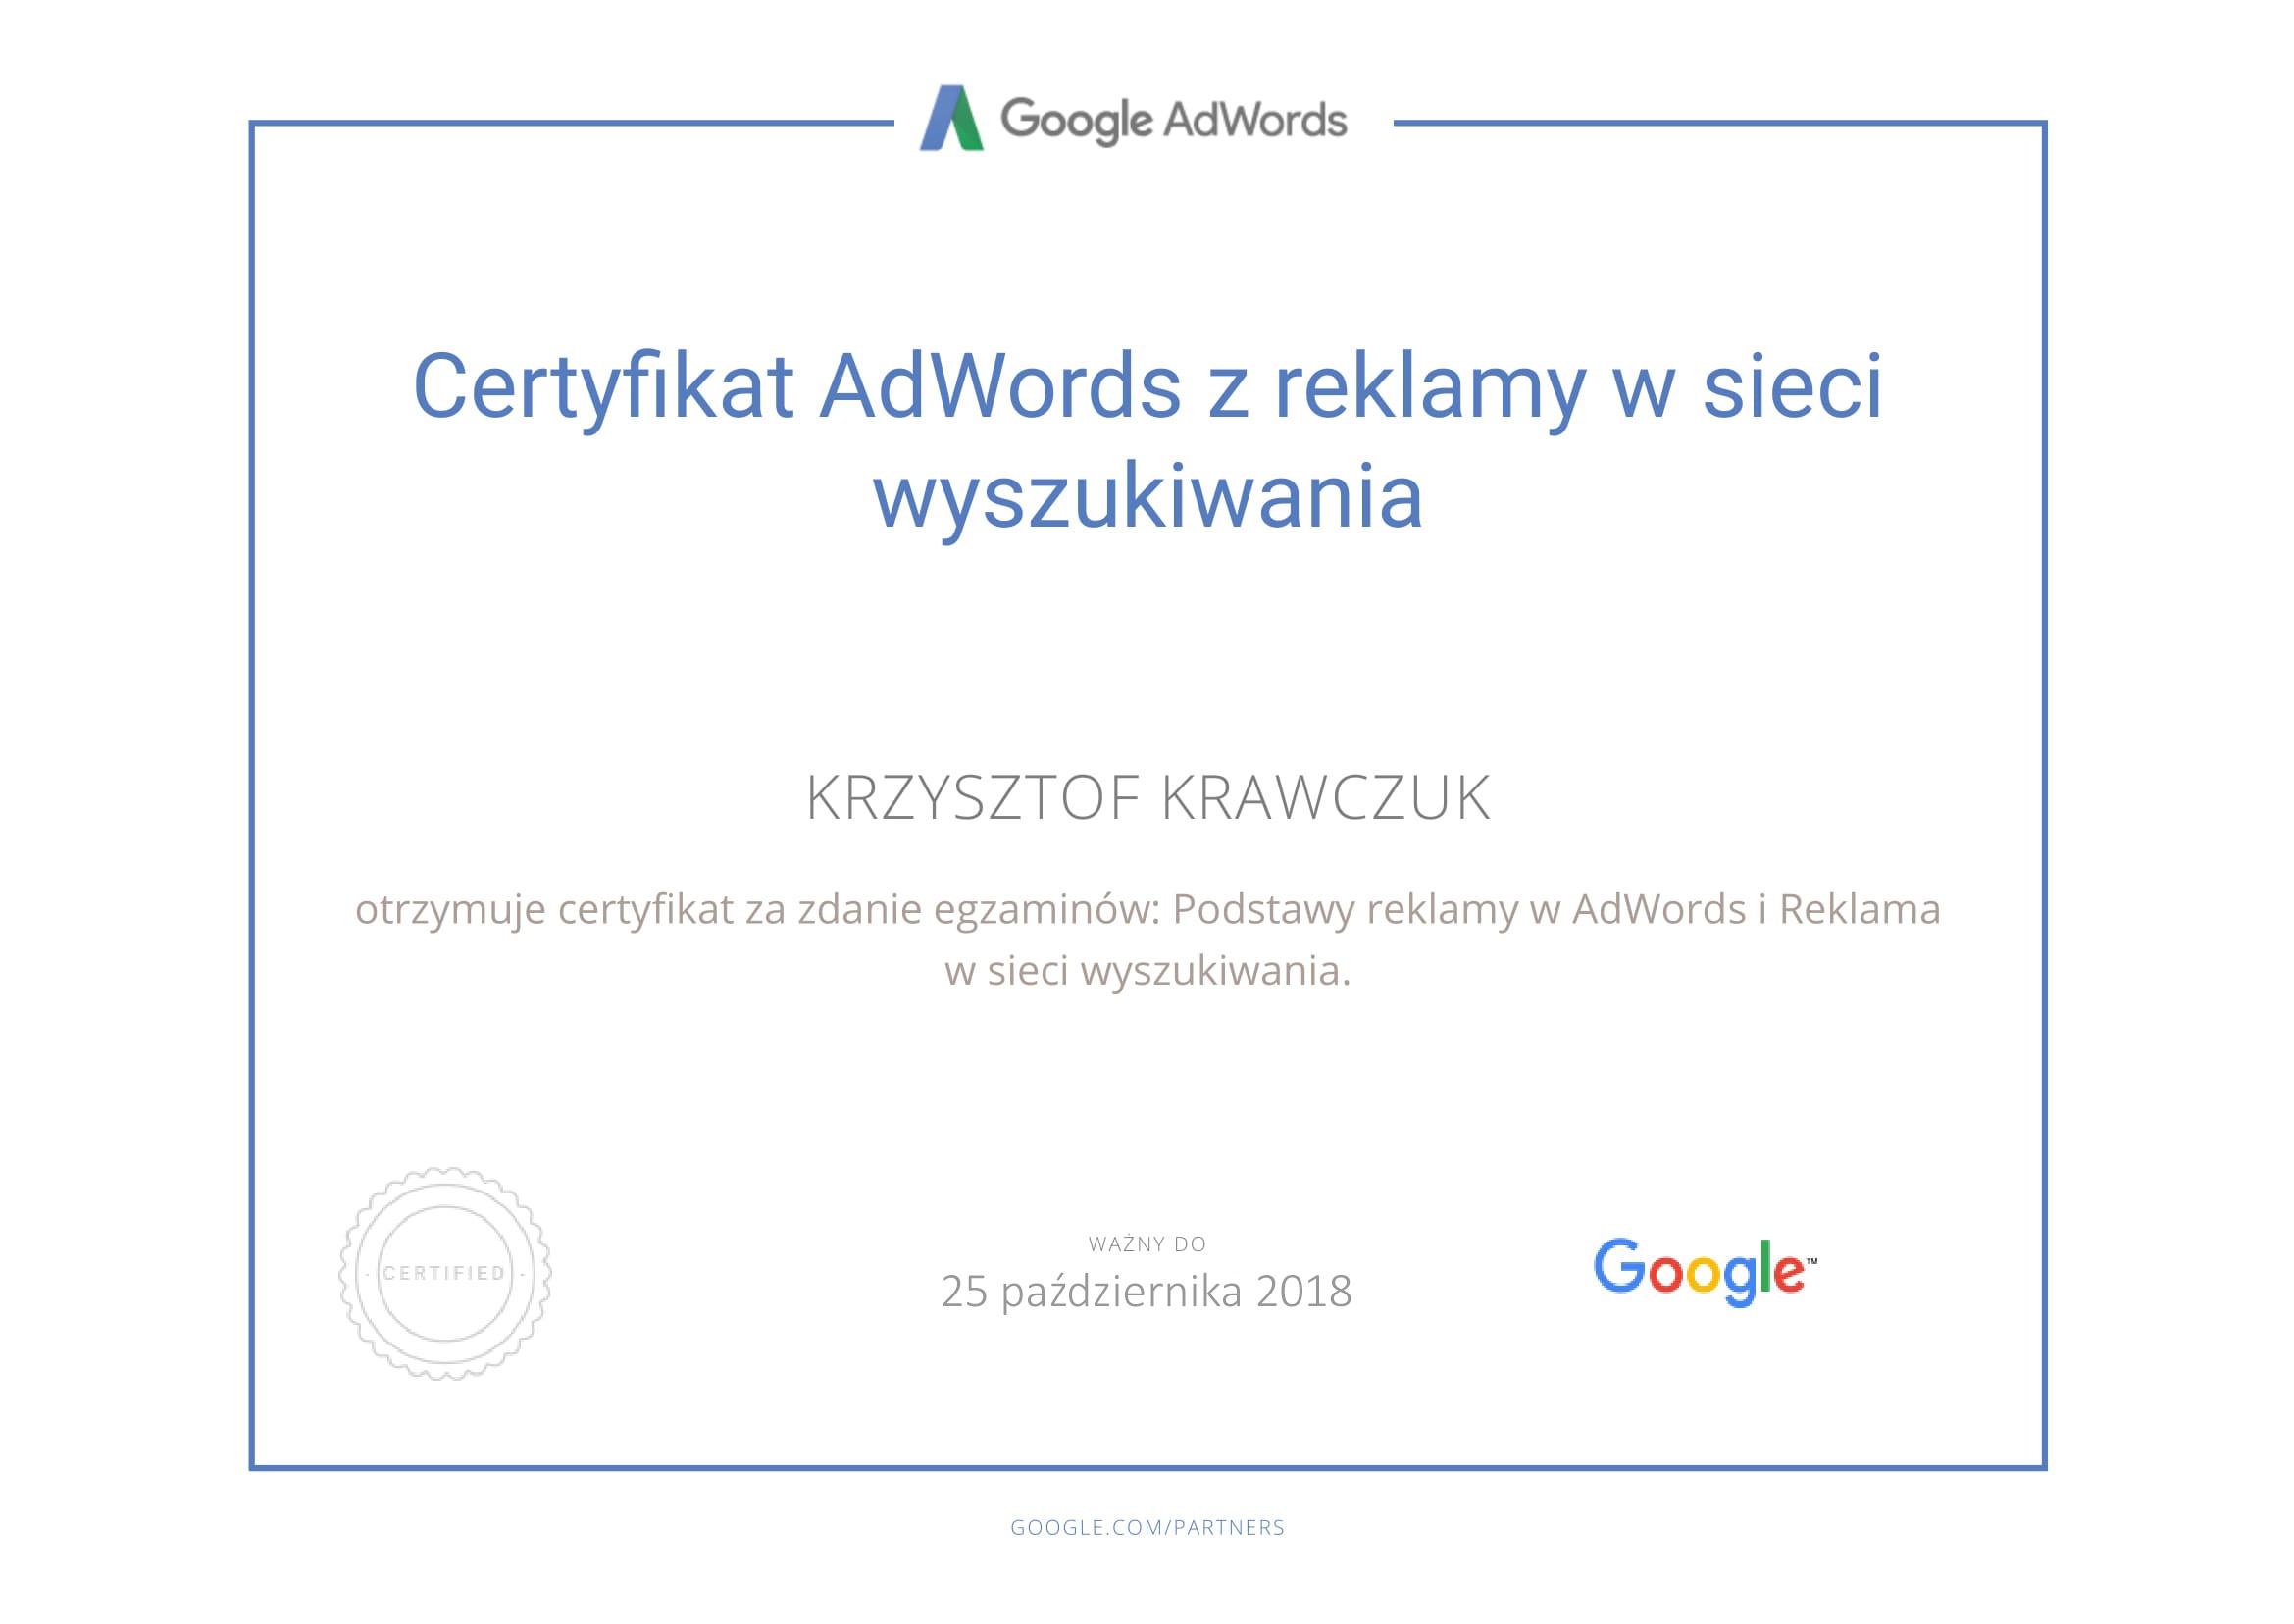 Certyfikat z reklamy w sieciach wyszukiwania Google